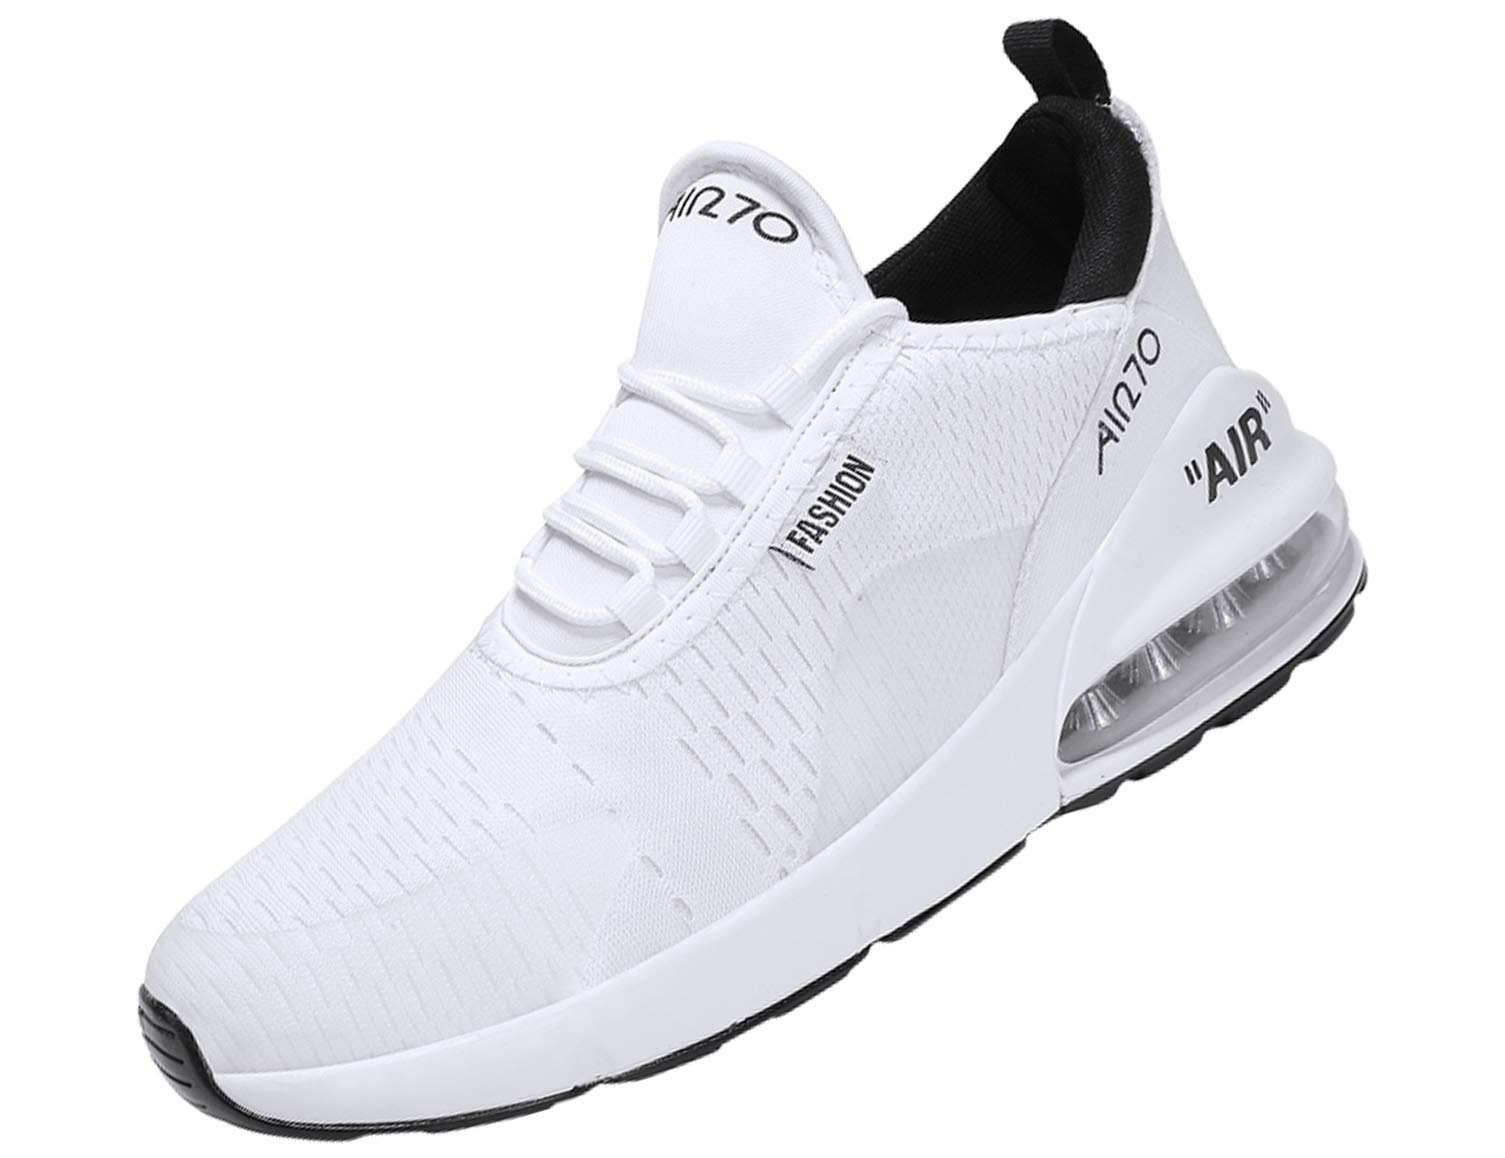 7dea8c9e0 SINOES Zapatillas Running Hombre Mujer Zapatillas Deportivas Hombre ...